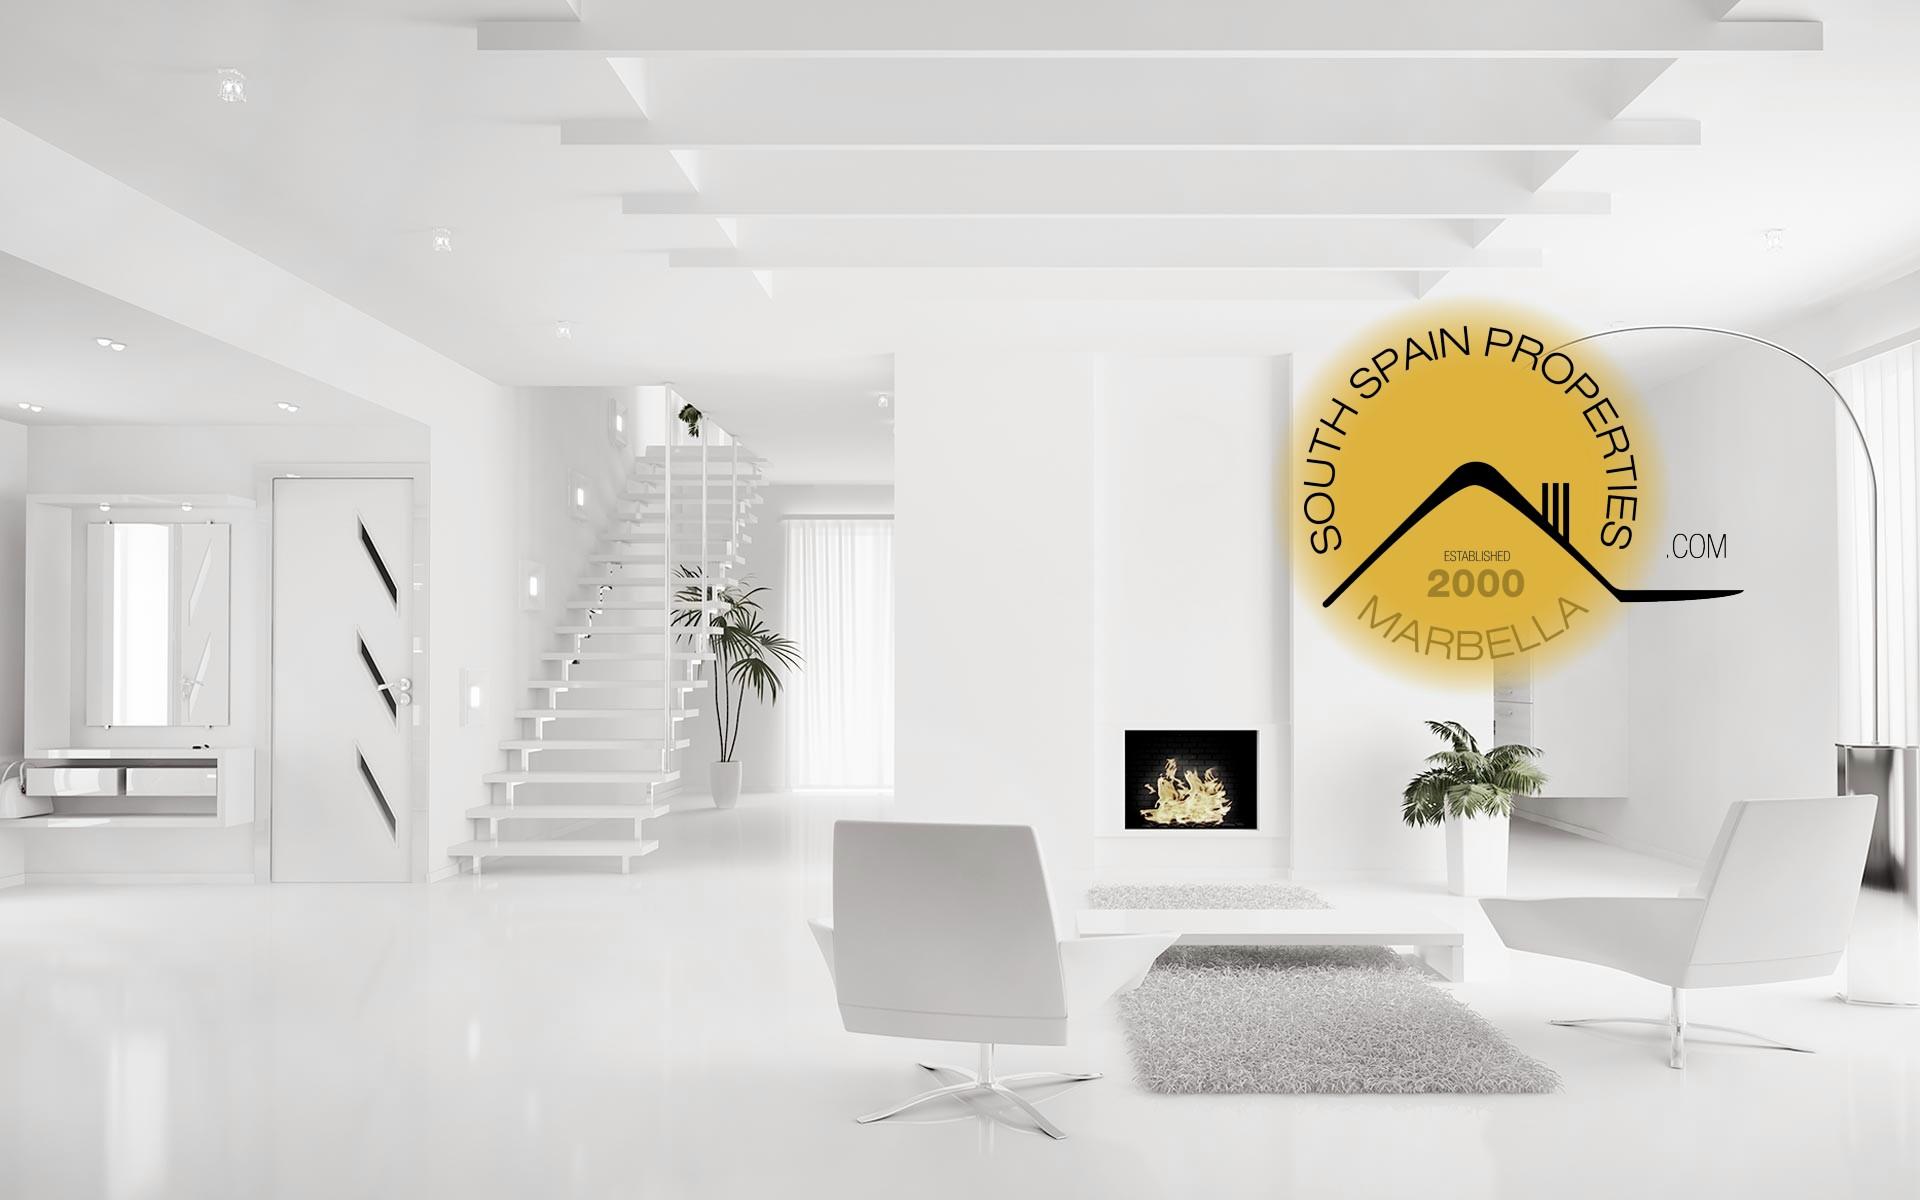 South Spain Properties esp